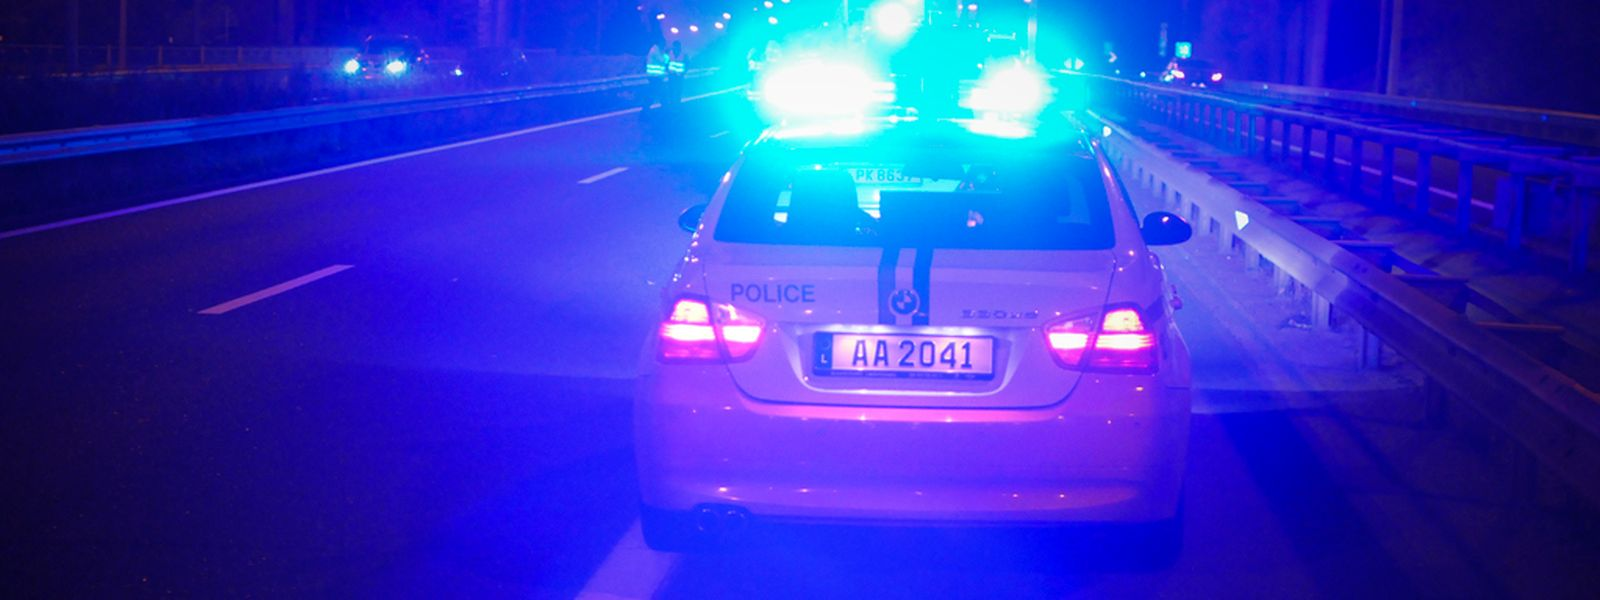 Die Polizei war in der Nacht zu Samstag unter anderem in Hollerich im Einsatz (Symbolfoto).